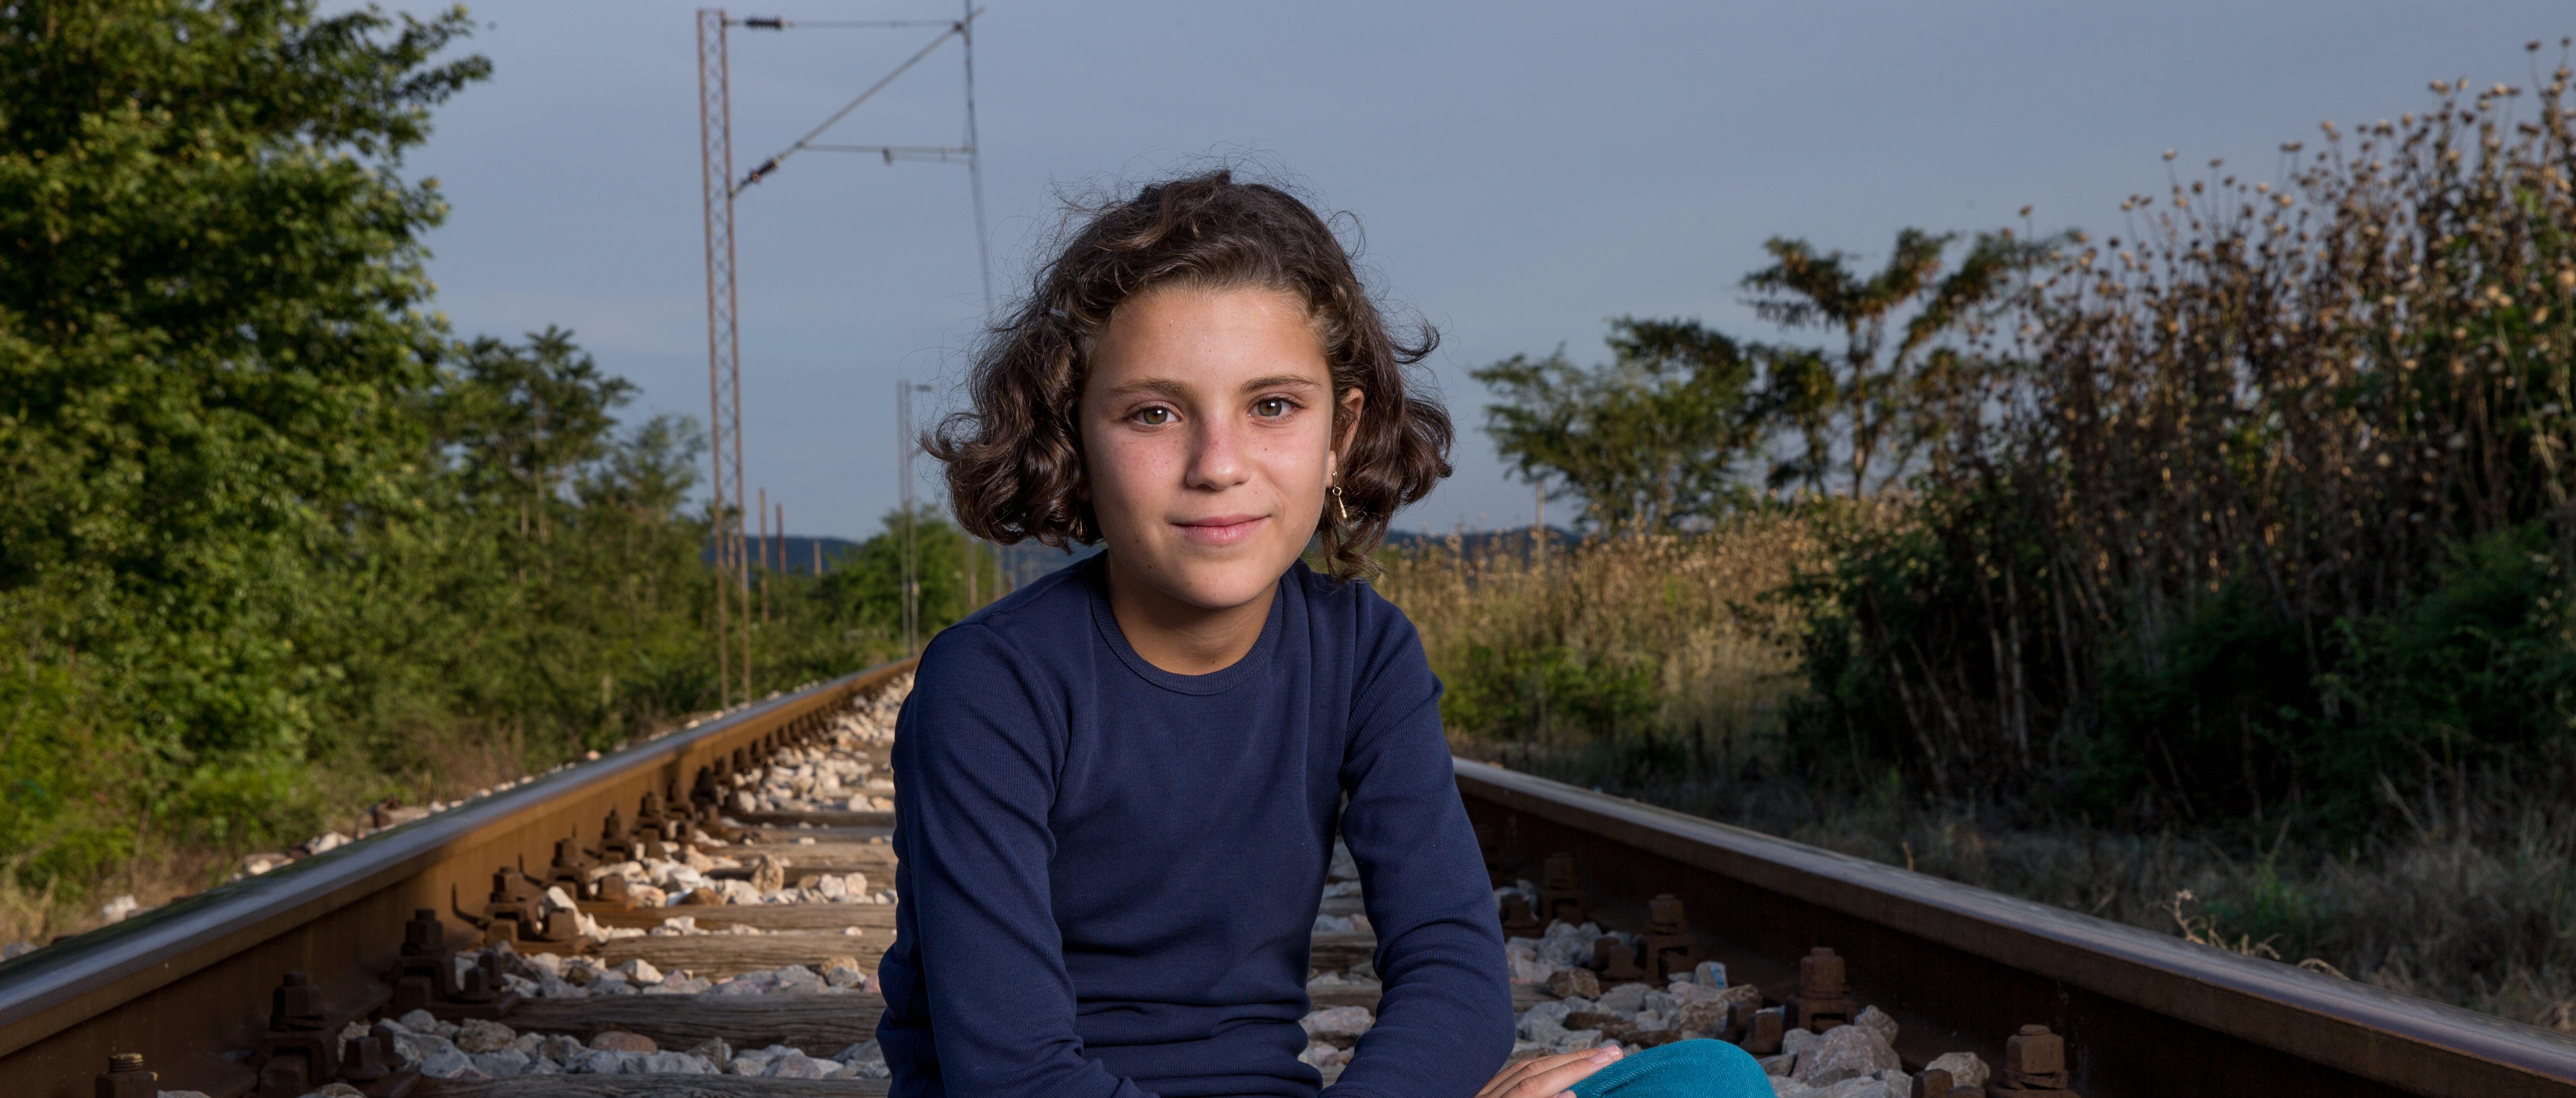 Hiba, bambina siriana di 10 anni è fuggita in Europa con la sua famiglia